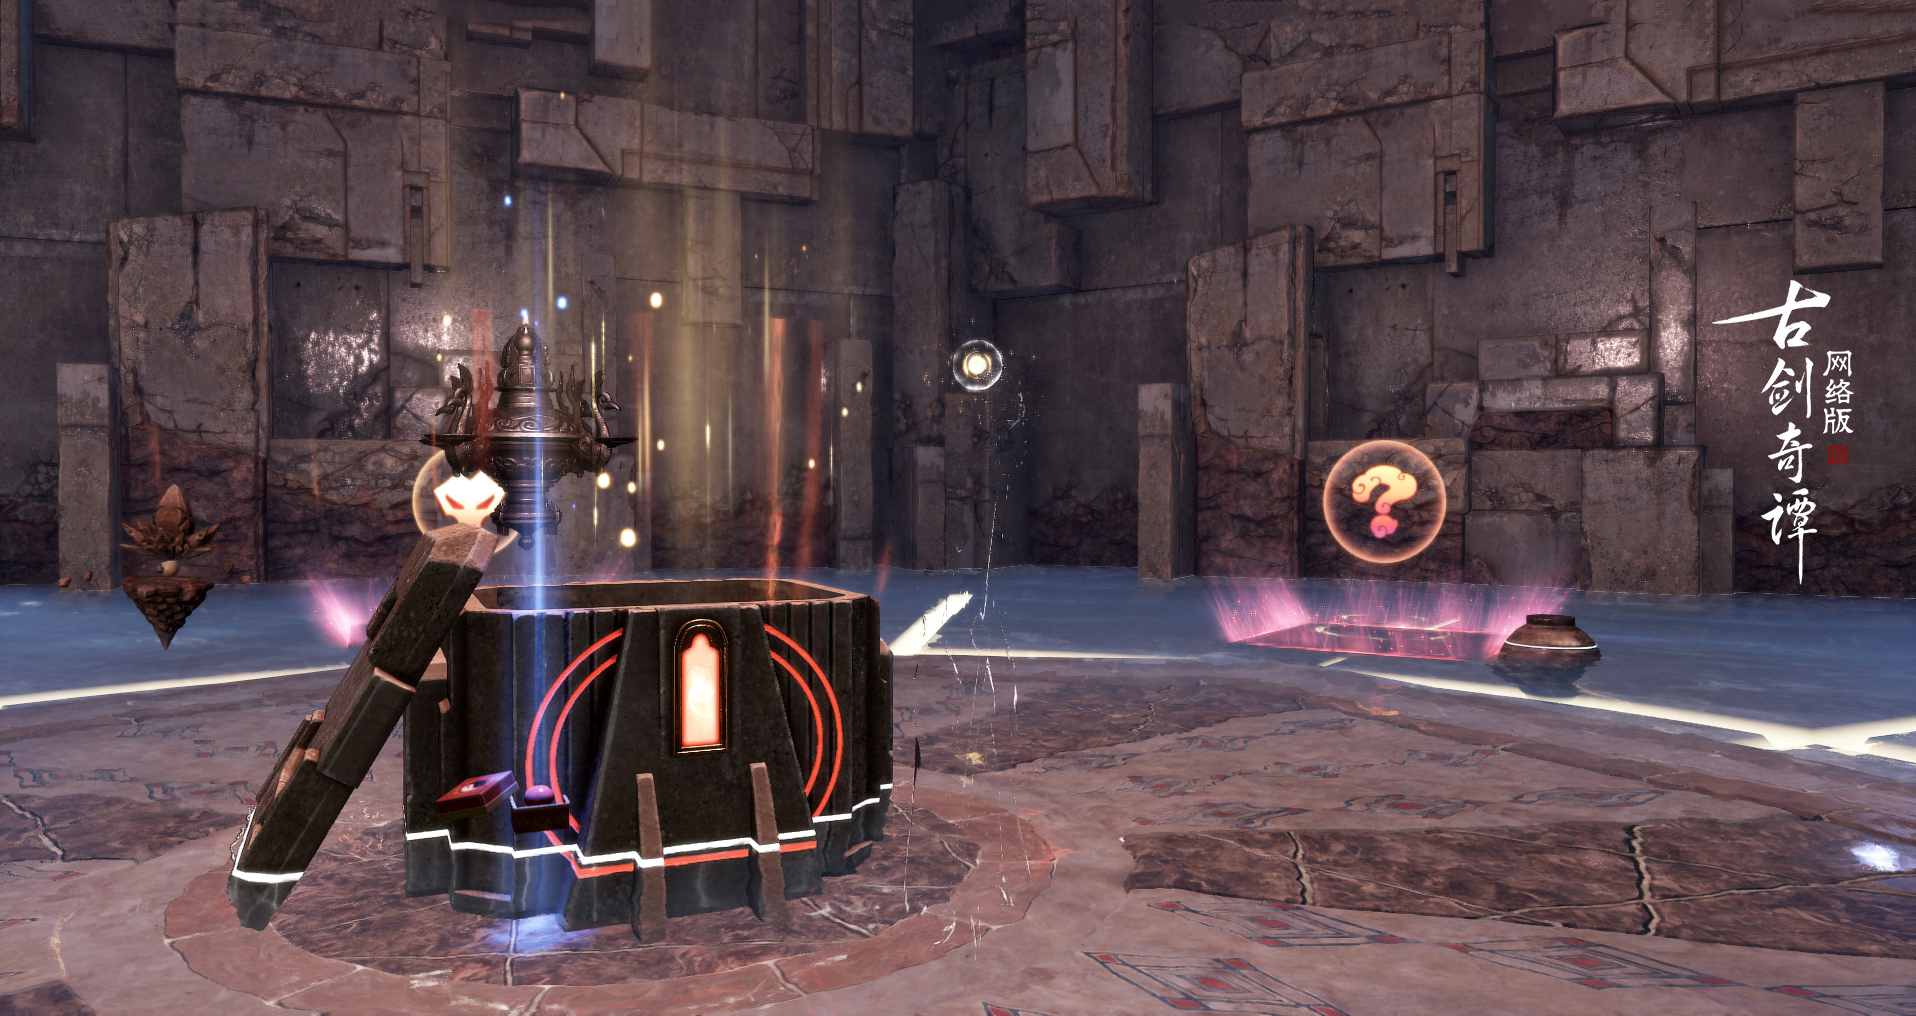 《古剑奇谭OL》卡牌玩法浴日金笼玩法攻略